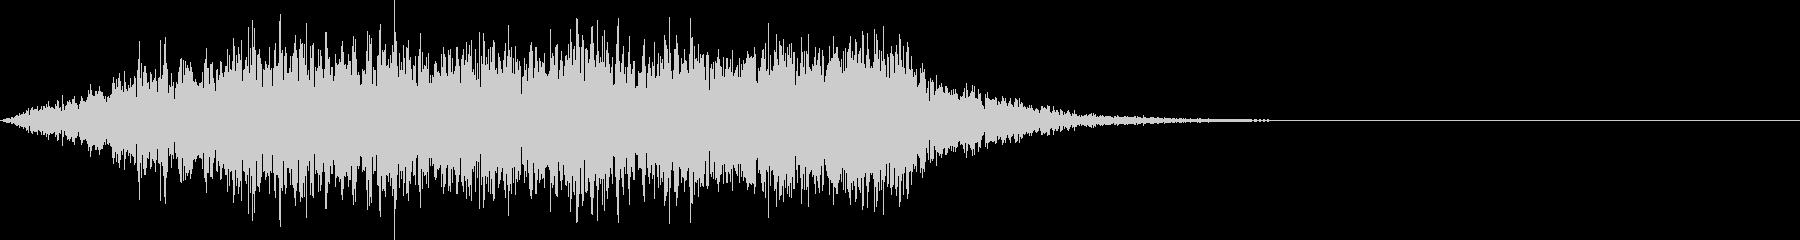 不思議な音05の未再生の波形